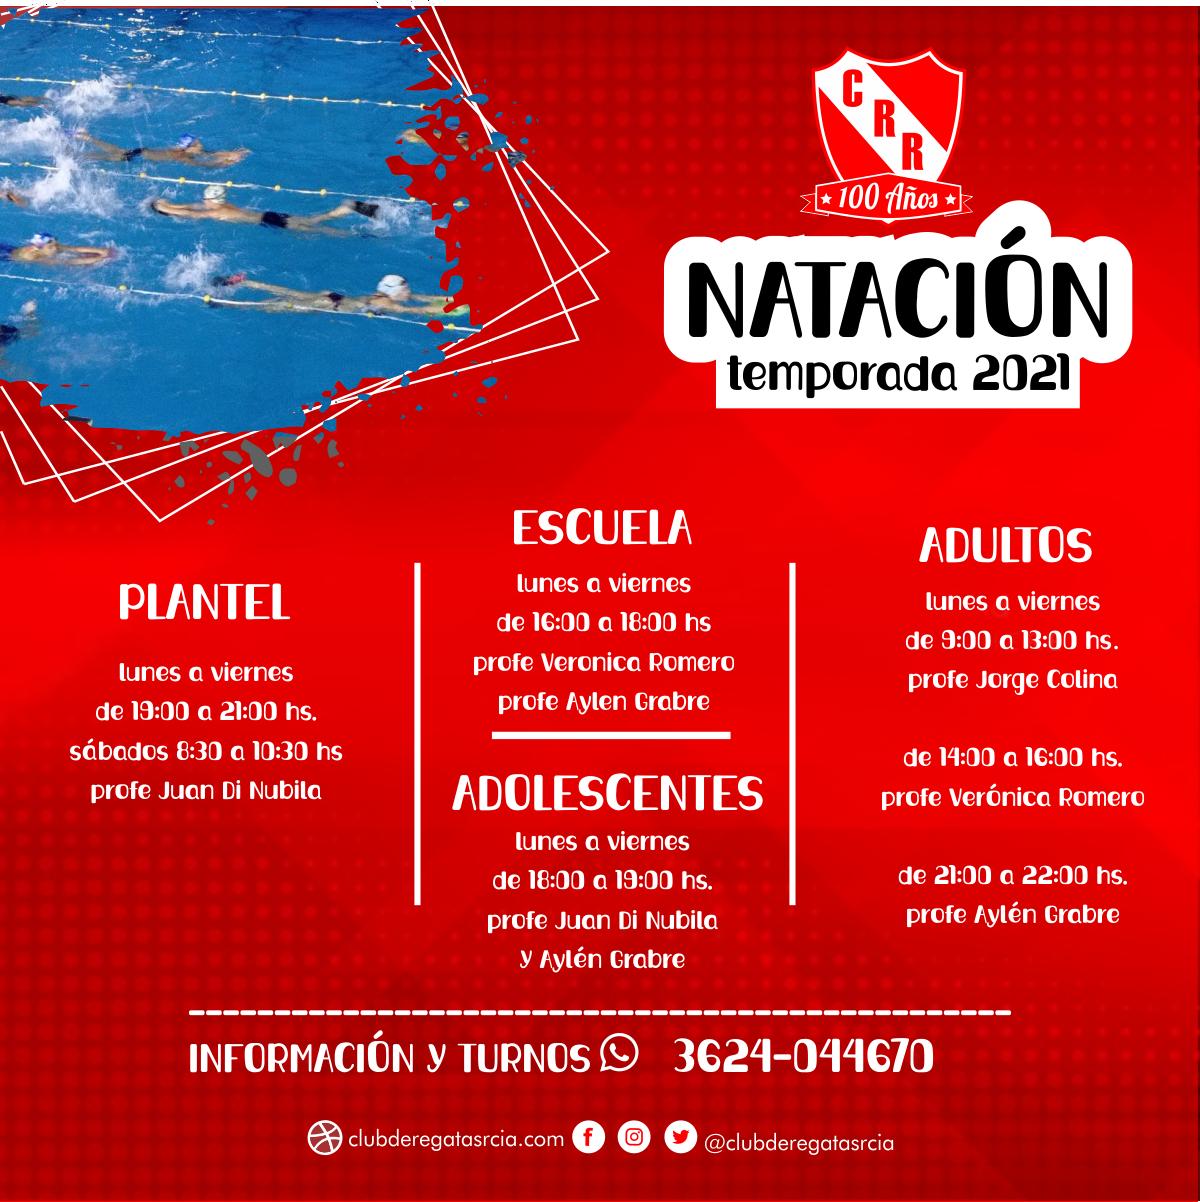 natracion